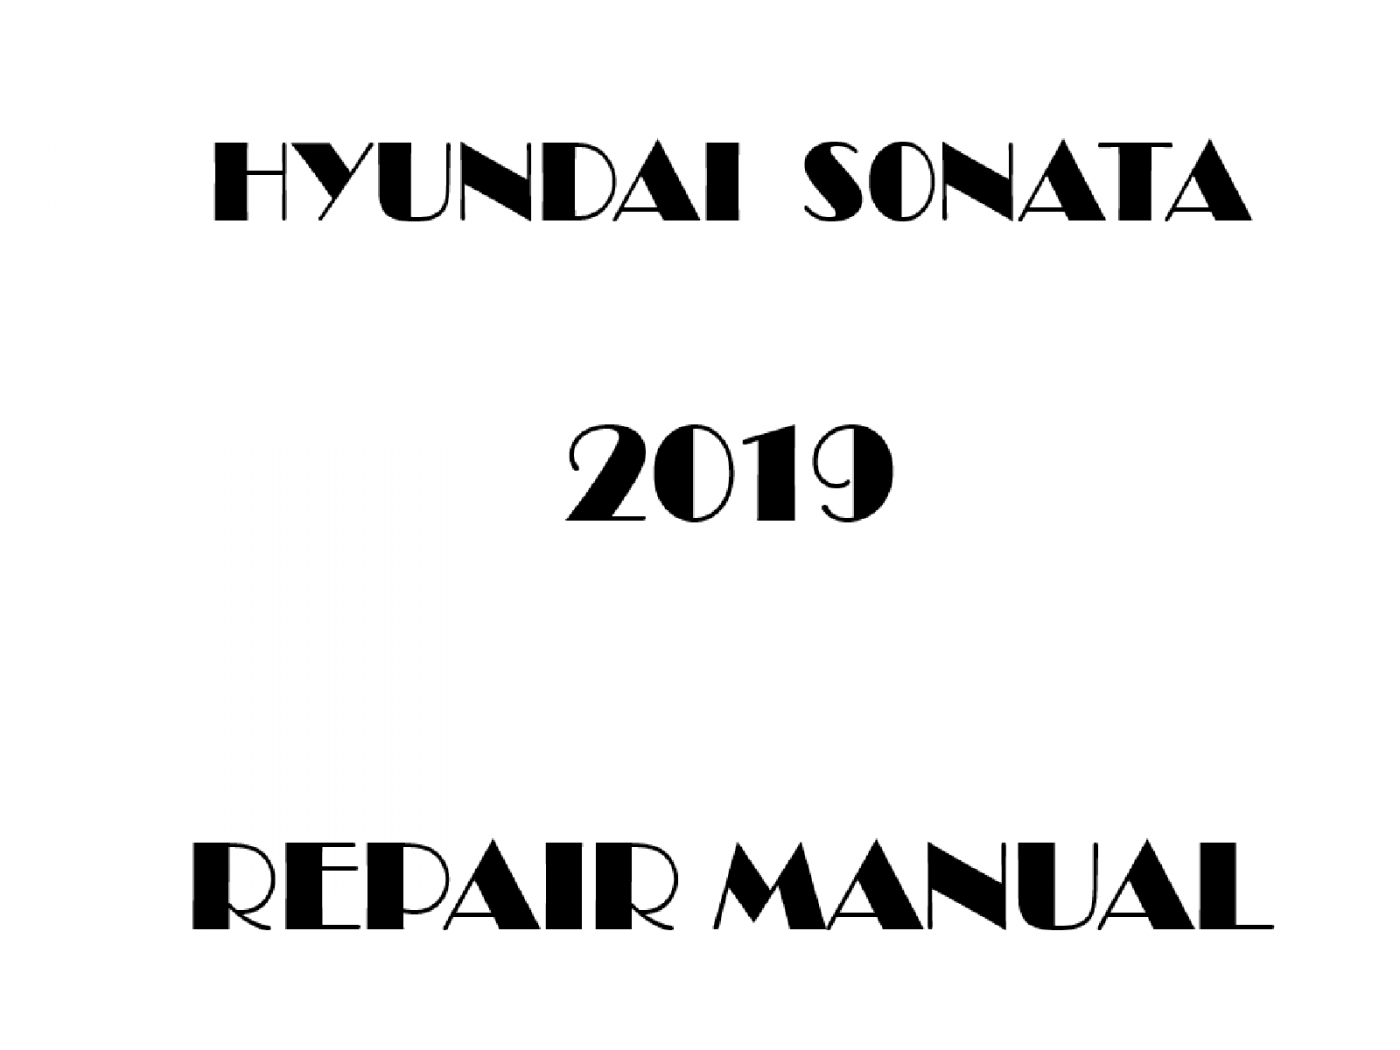 2019 Hyundai Sonata Repair Manual